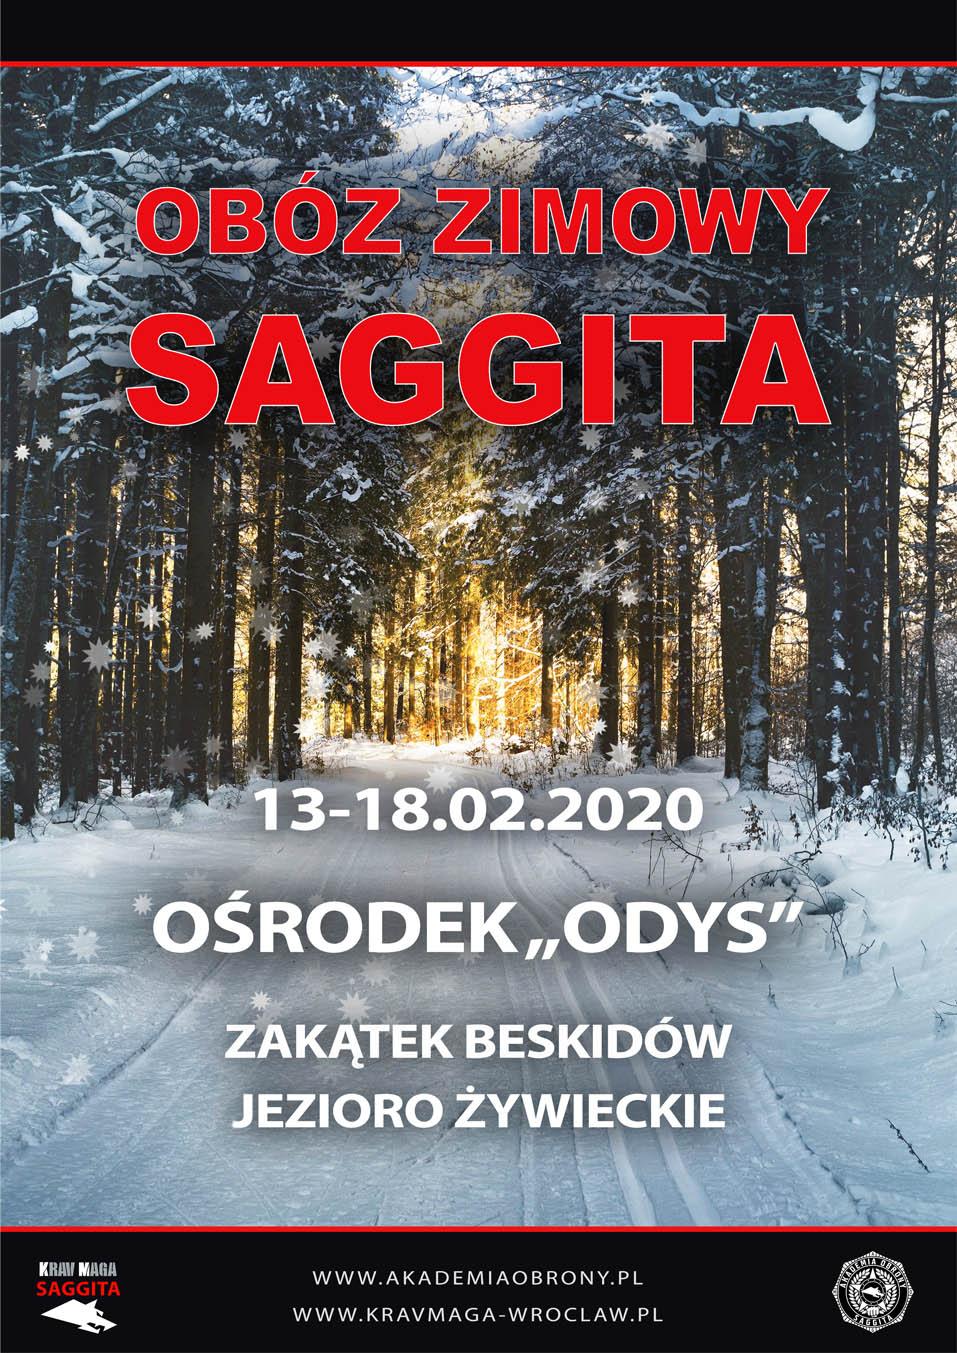 Akademia Obrony Saggita Obóz Zimowy 2020 Tadeusz Dubicki Krav Maga Wrocław Wałbrzych Świdnica